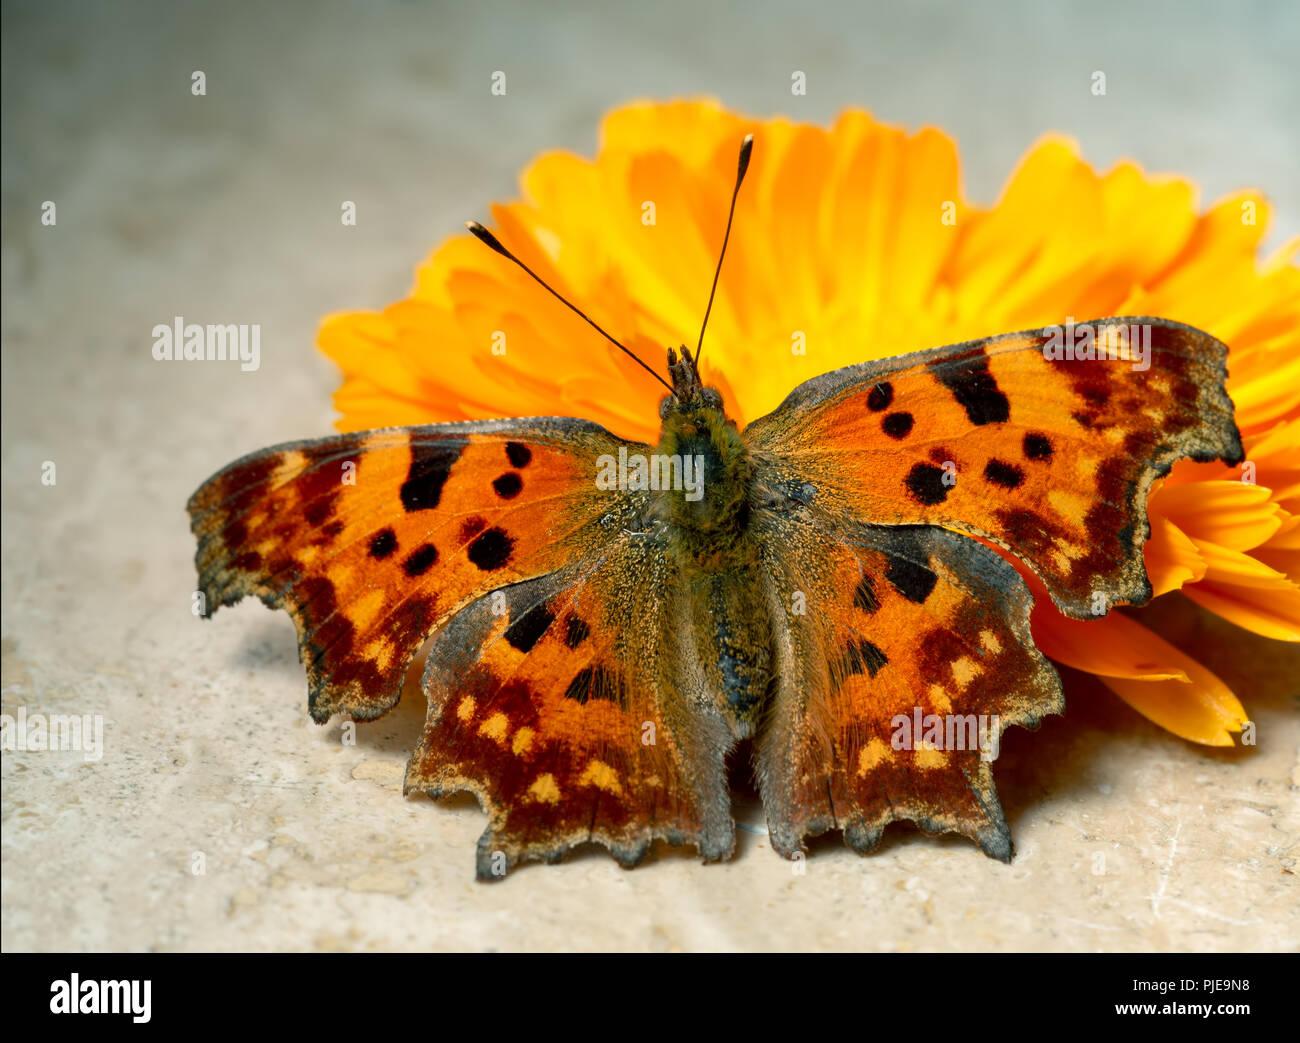 Komma Schmetterling, Polygonia c-Album, mit einer Ringelblume Blüte im Sonnenschein. Hinweis: Dies ist ein Schmetterling , vor allem an der Zeit flatterte. Stockbild